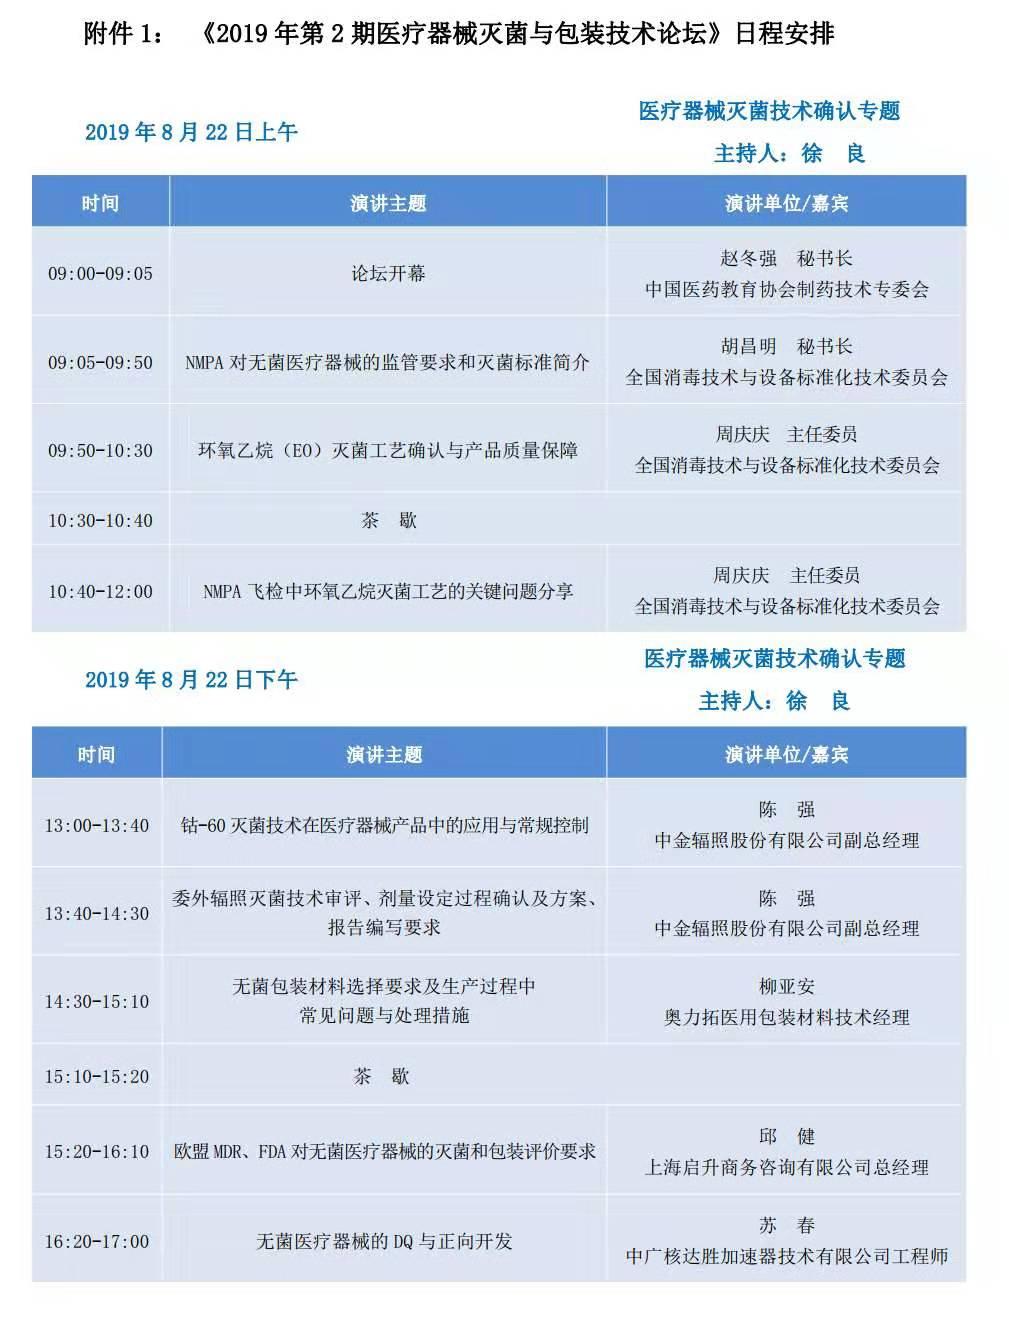 2019年第2期医疗器械灭菌与包装技术论坛(北京)